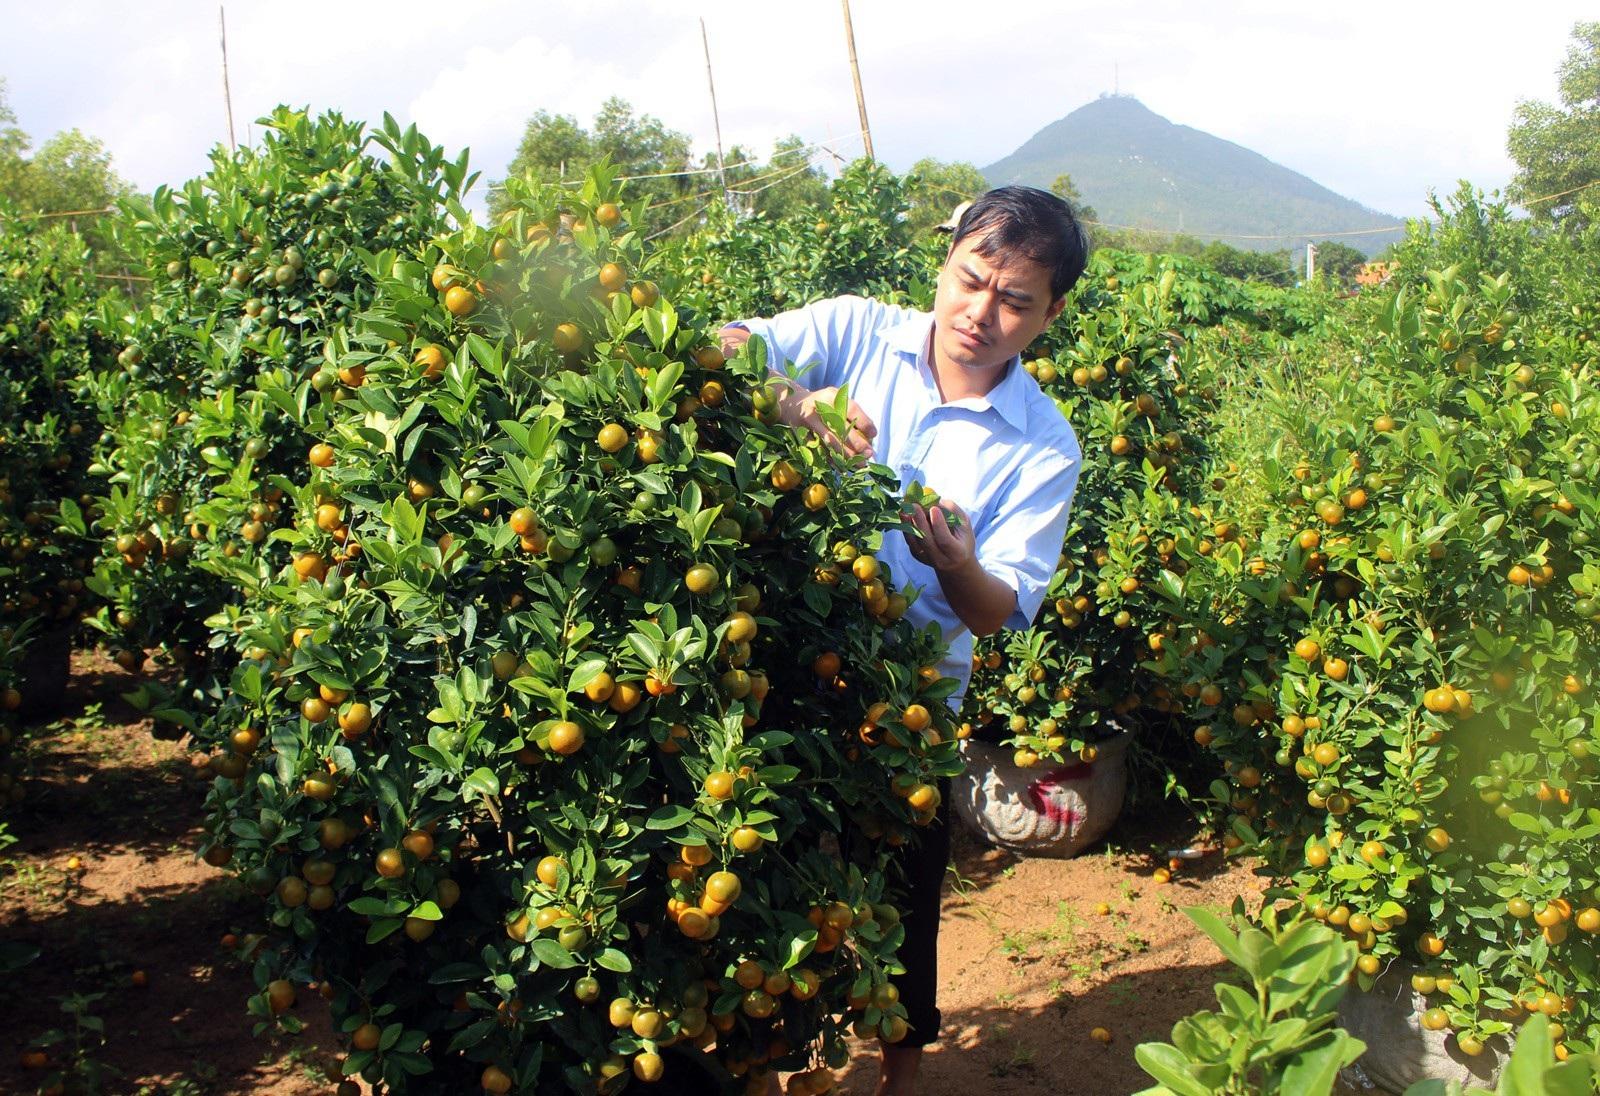 Giáp Tết: Về Phú Yên ngắm vườn quất vàng óng thu tiền triệu - Ảnh 7.